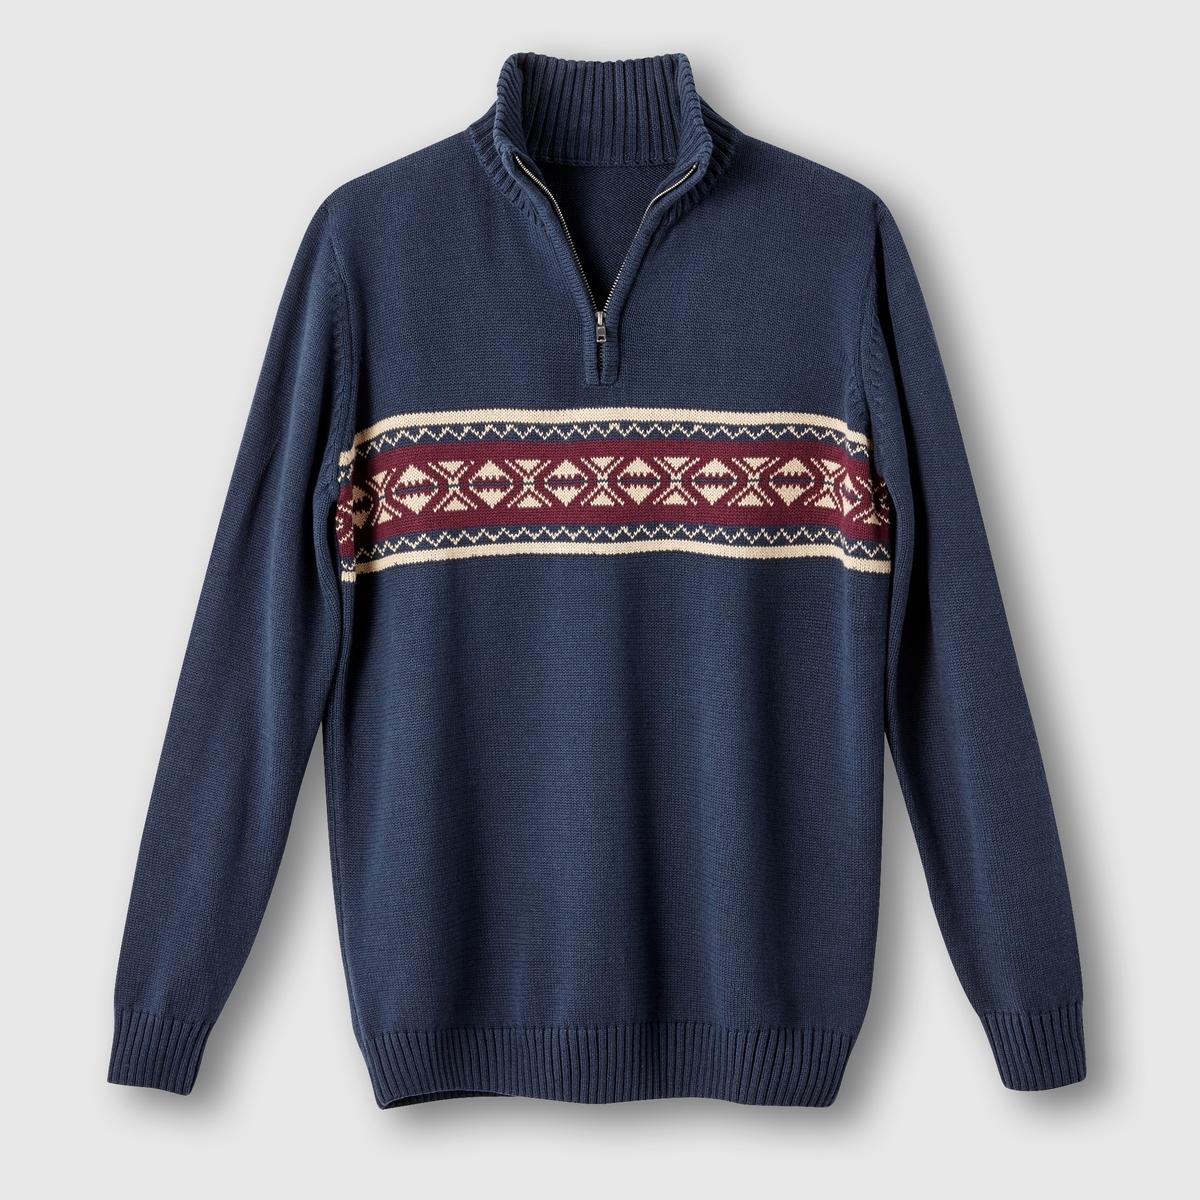 Пуловер жаккардовыйс воротником на молнии<br><br>Цвет: темно-синий<br>Размер: 70/72.82/84